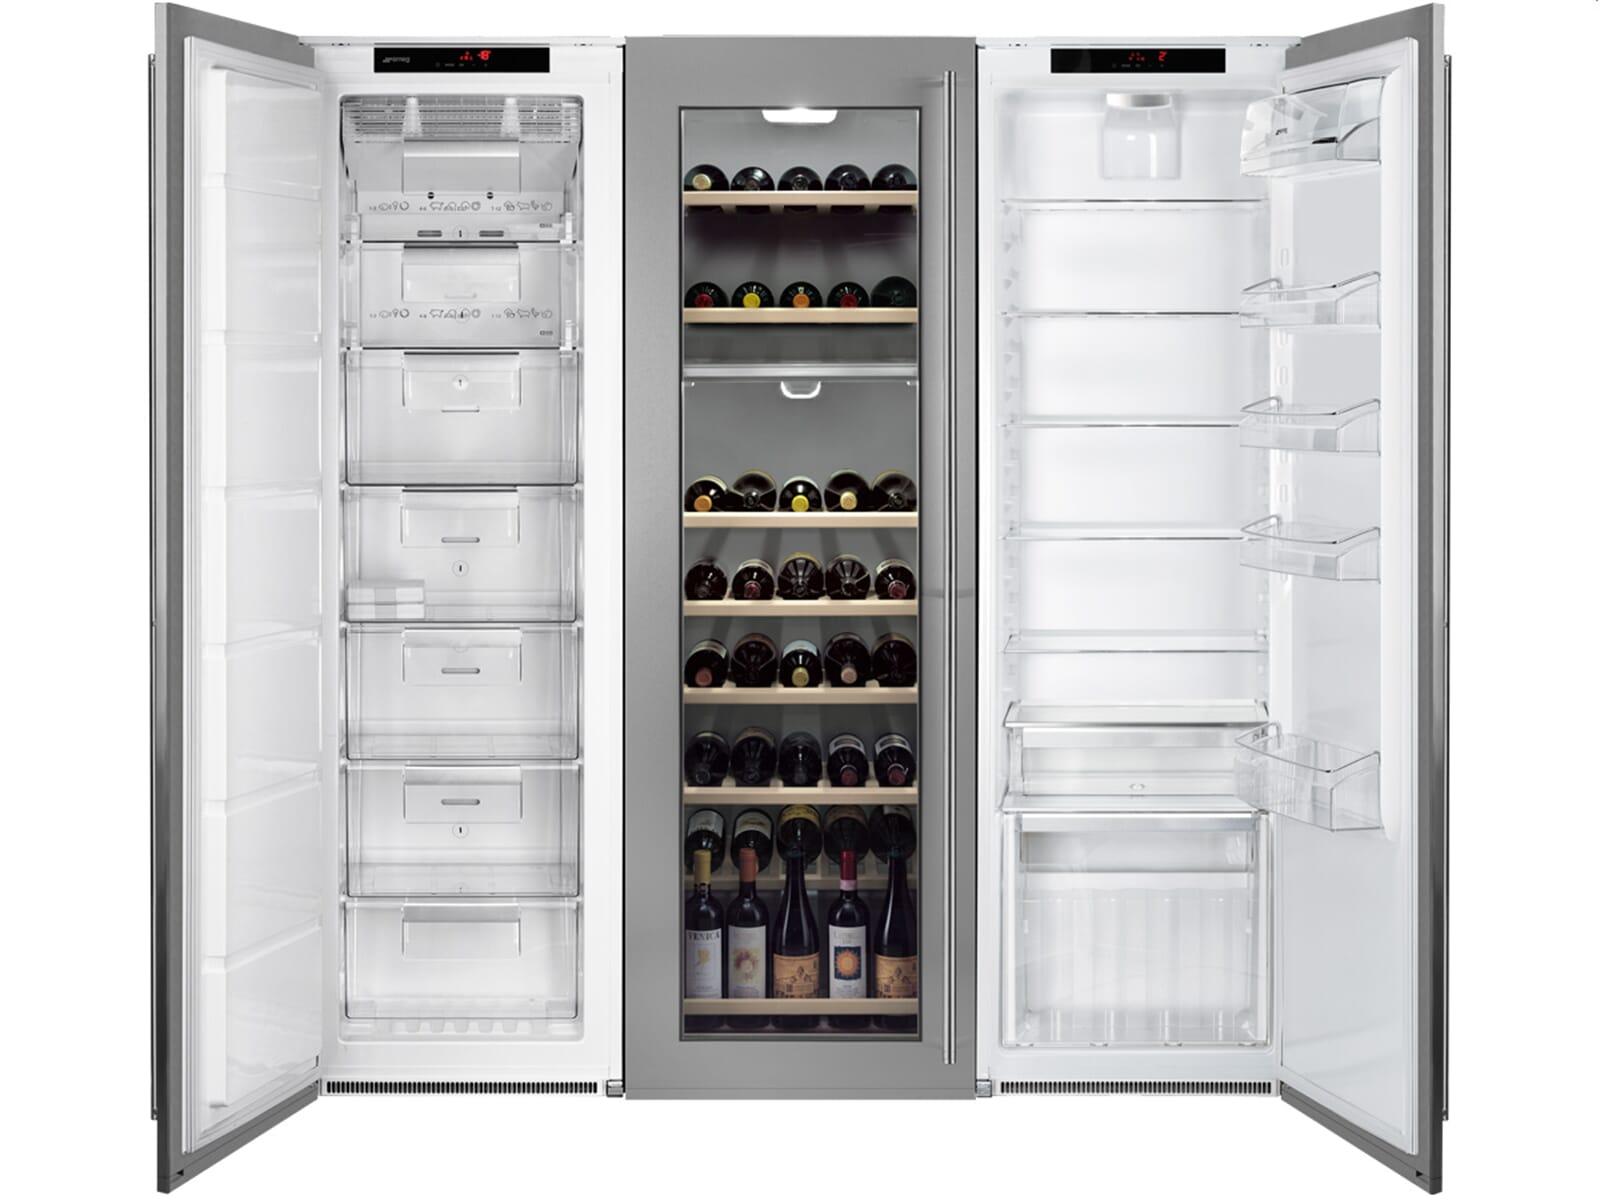 Smeg Kühlschrank Gefrierkombination : Side by side einbau kühlschrank küche schwarz glas grifflos mit